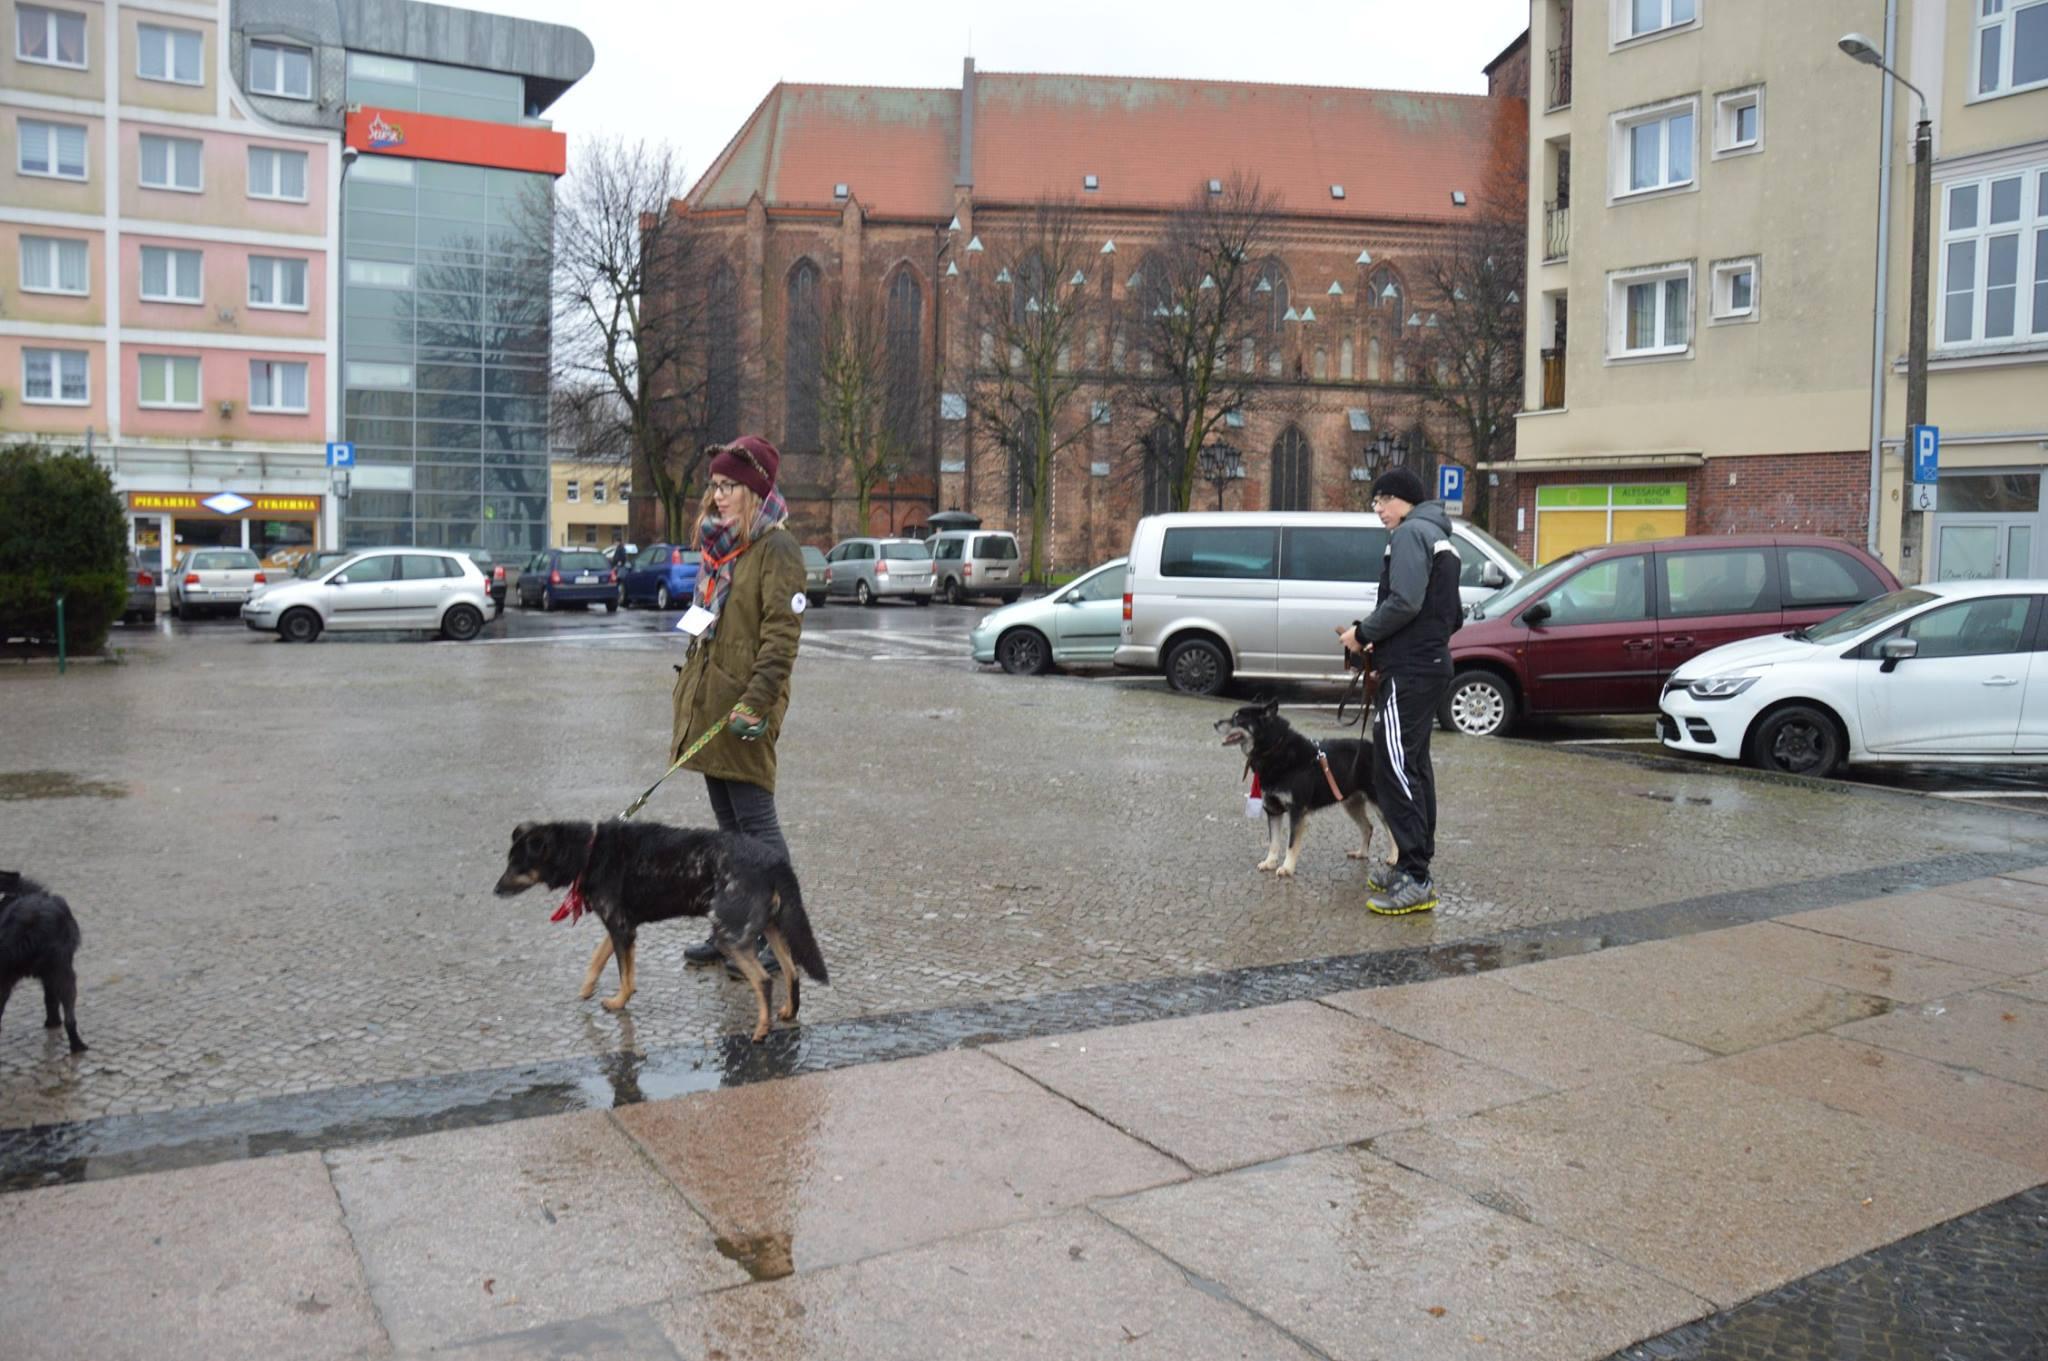 Zwierze_tez_czlowiek_09